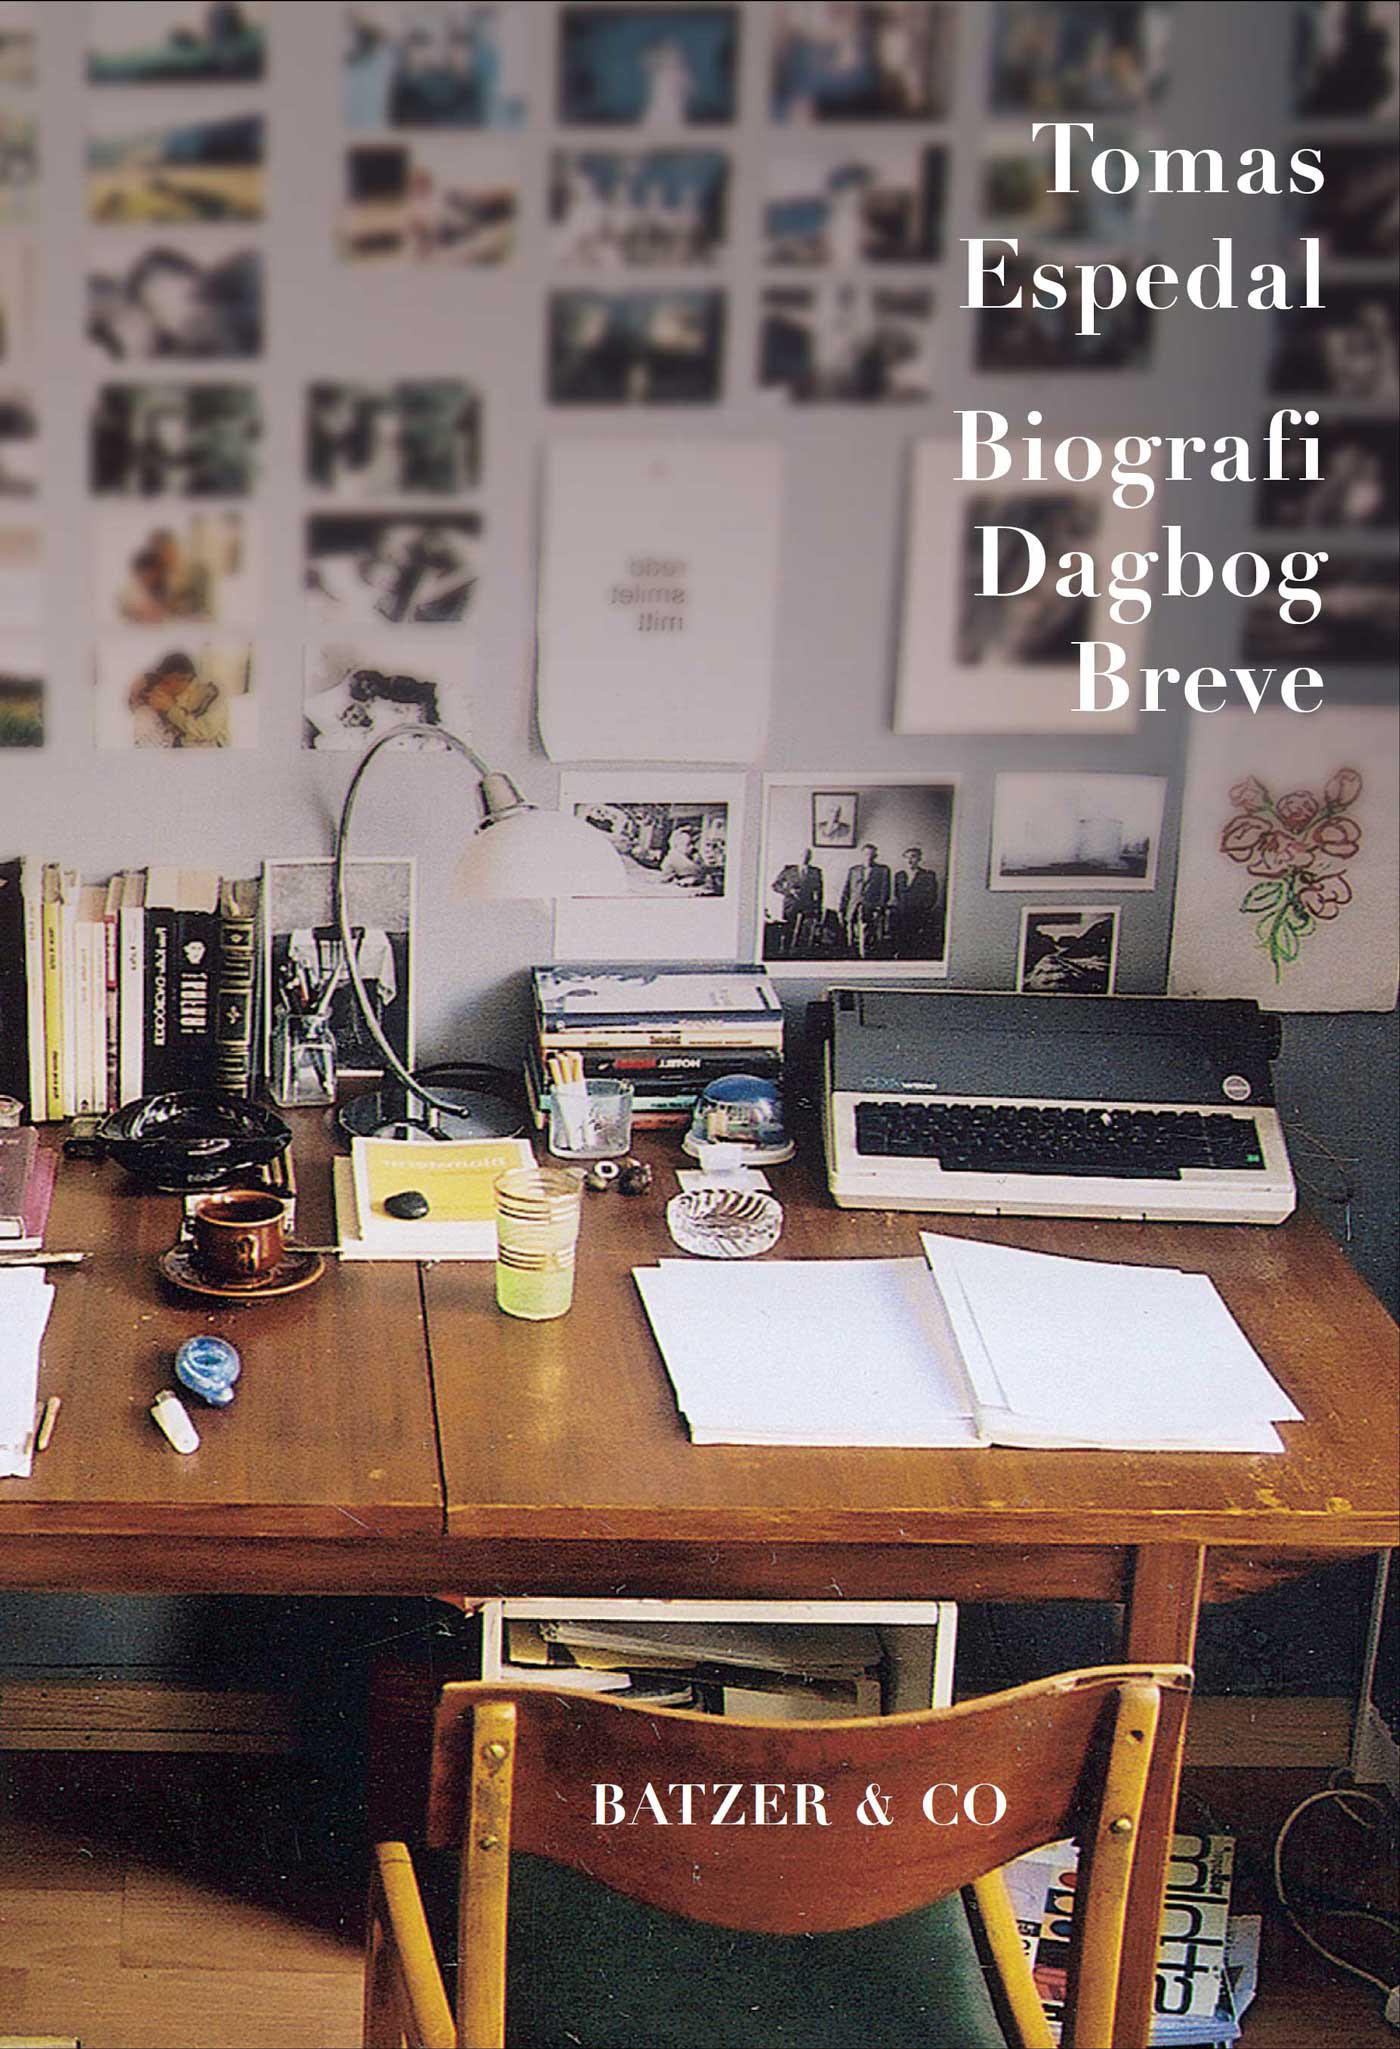 Biografi  Dagbog Breve - Tomas Espedal - Bøger - BATZER & CO. Roskilde Bogcafé - 9788792439437 - 7/9-2013